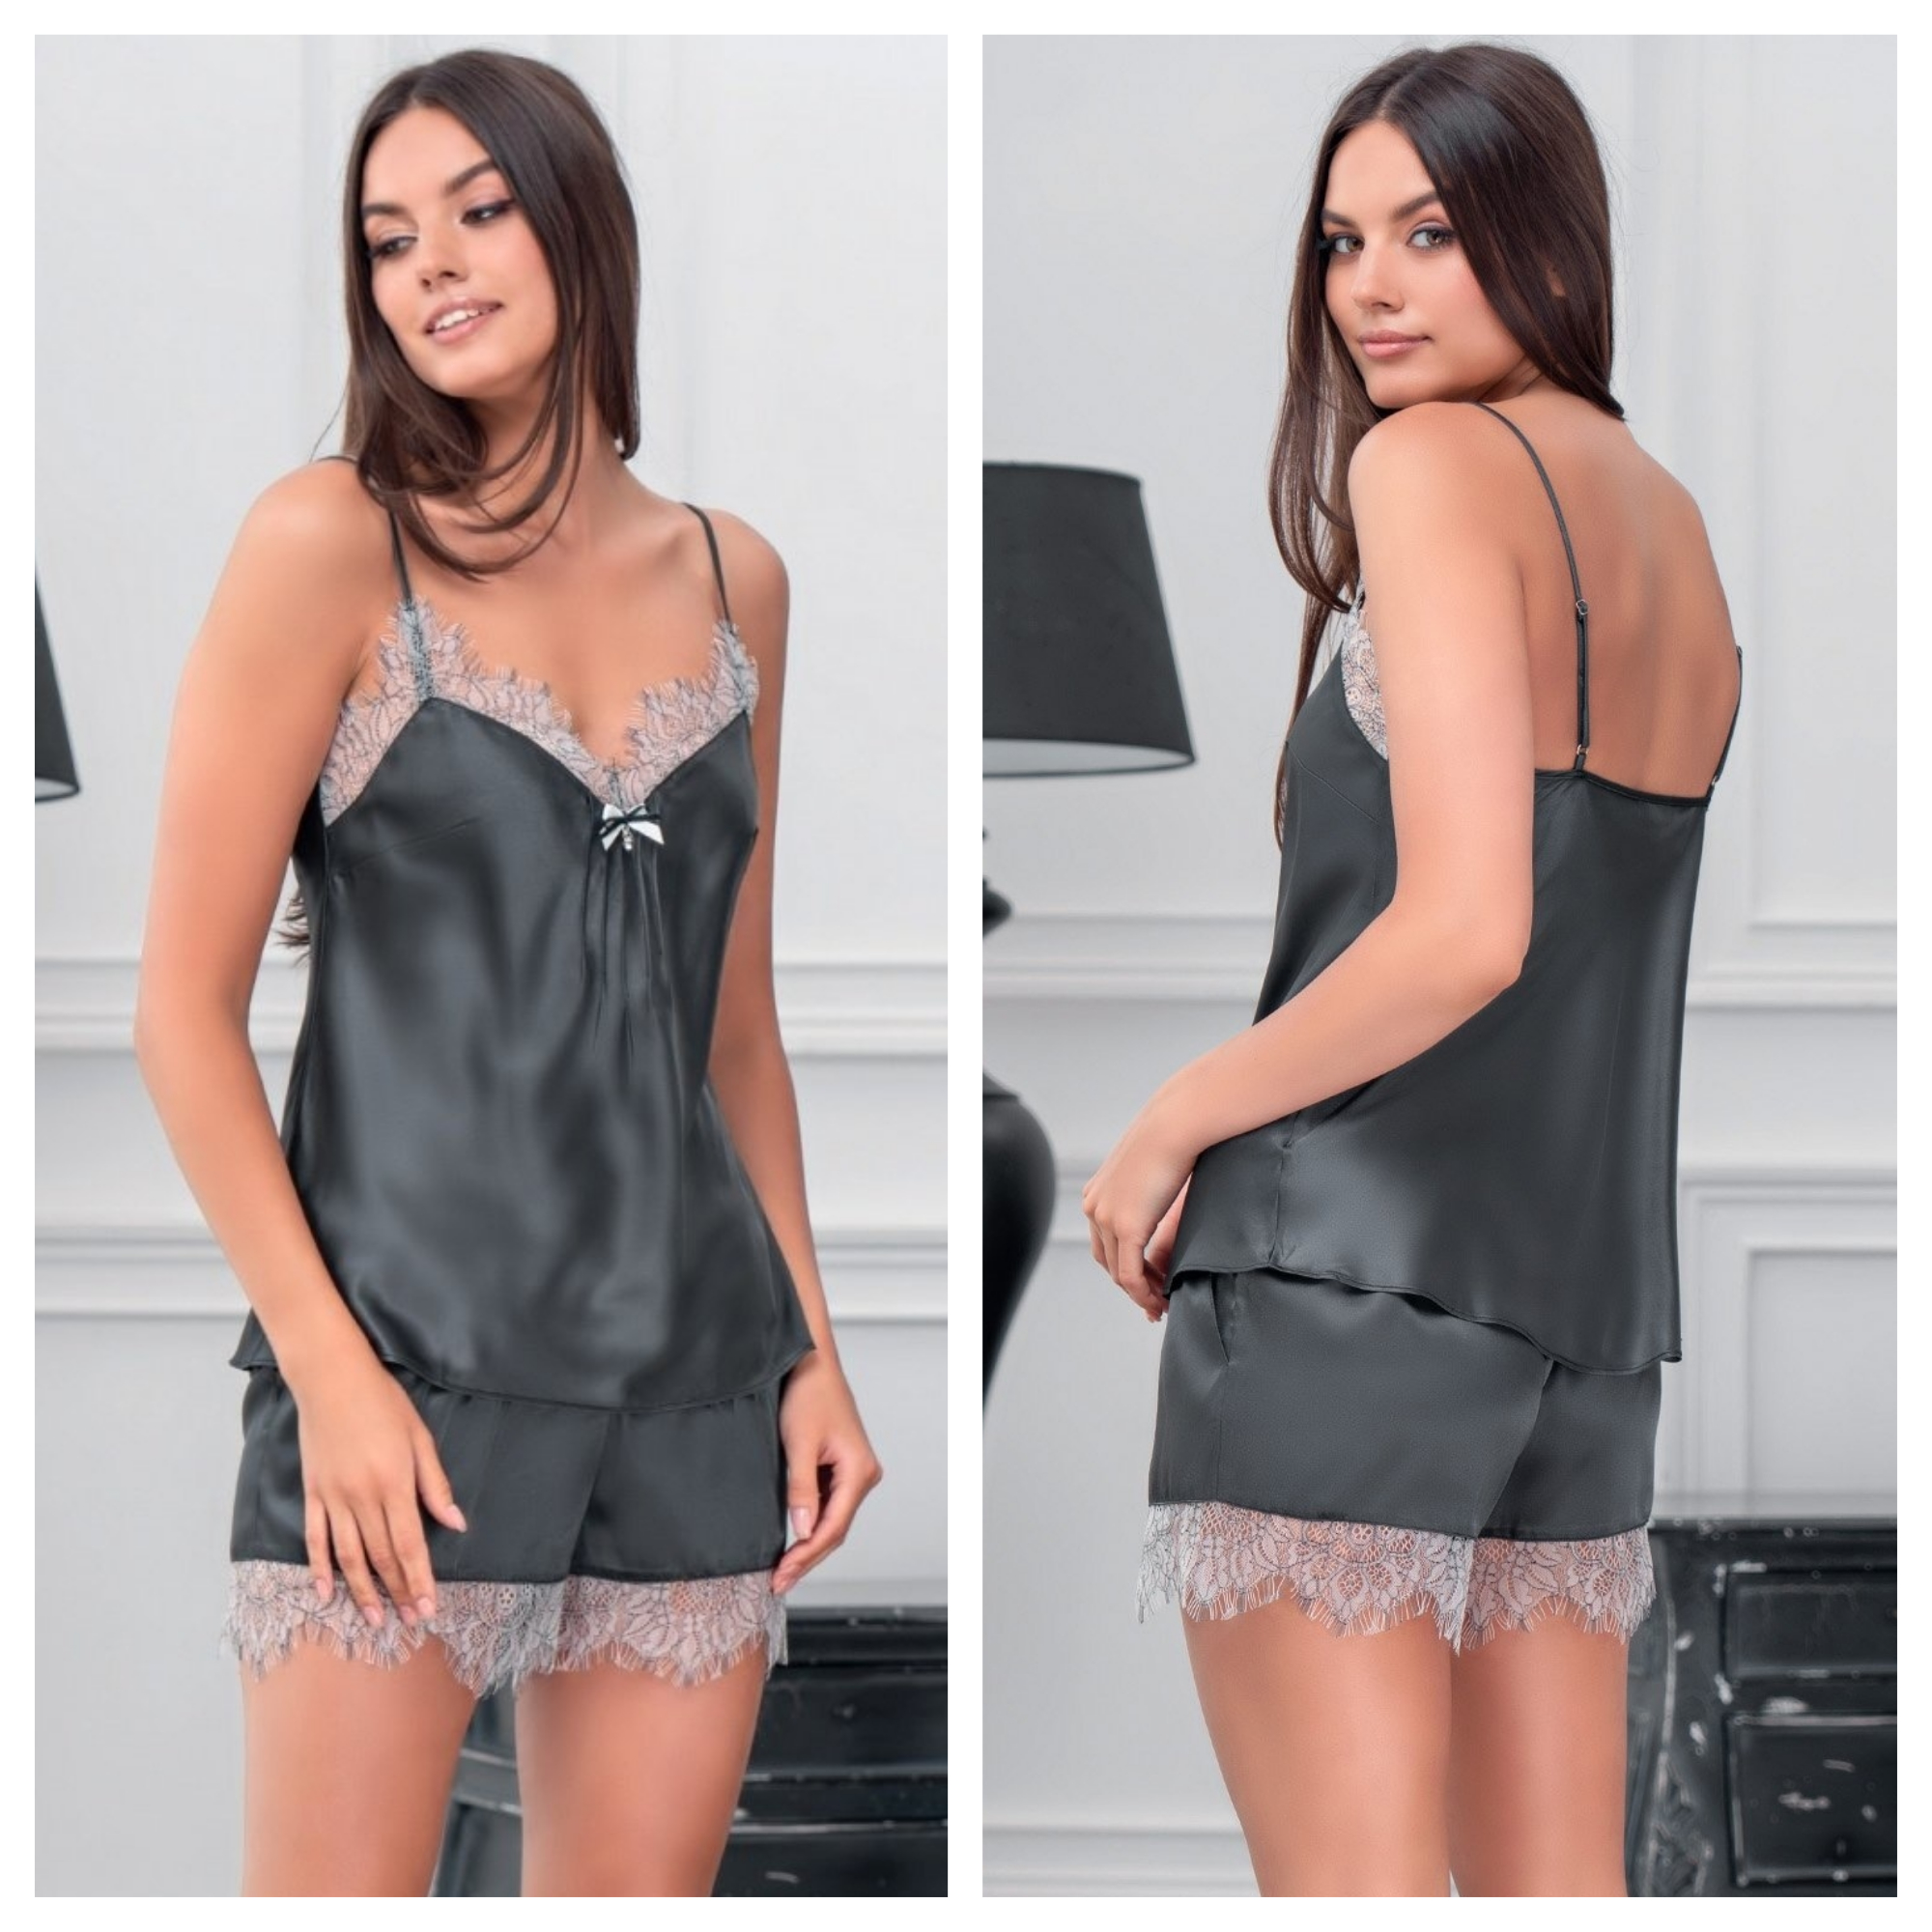 Пижама Mia-Mia Ingrid 8352 купить